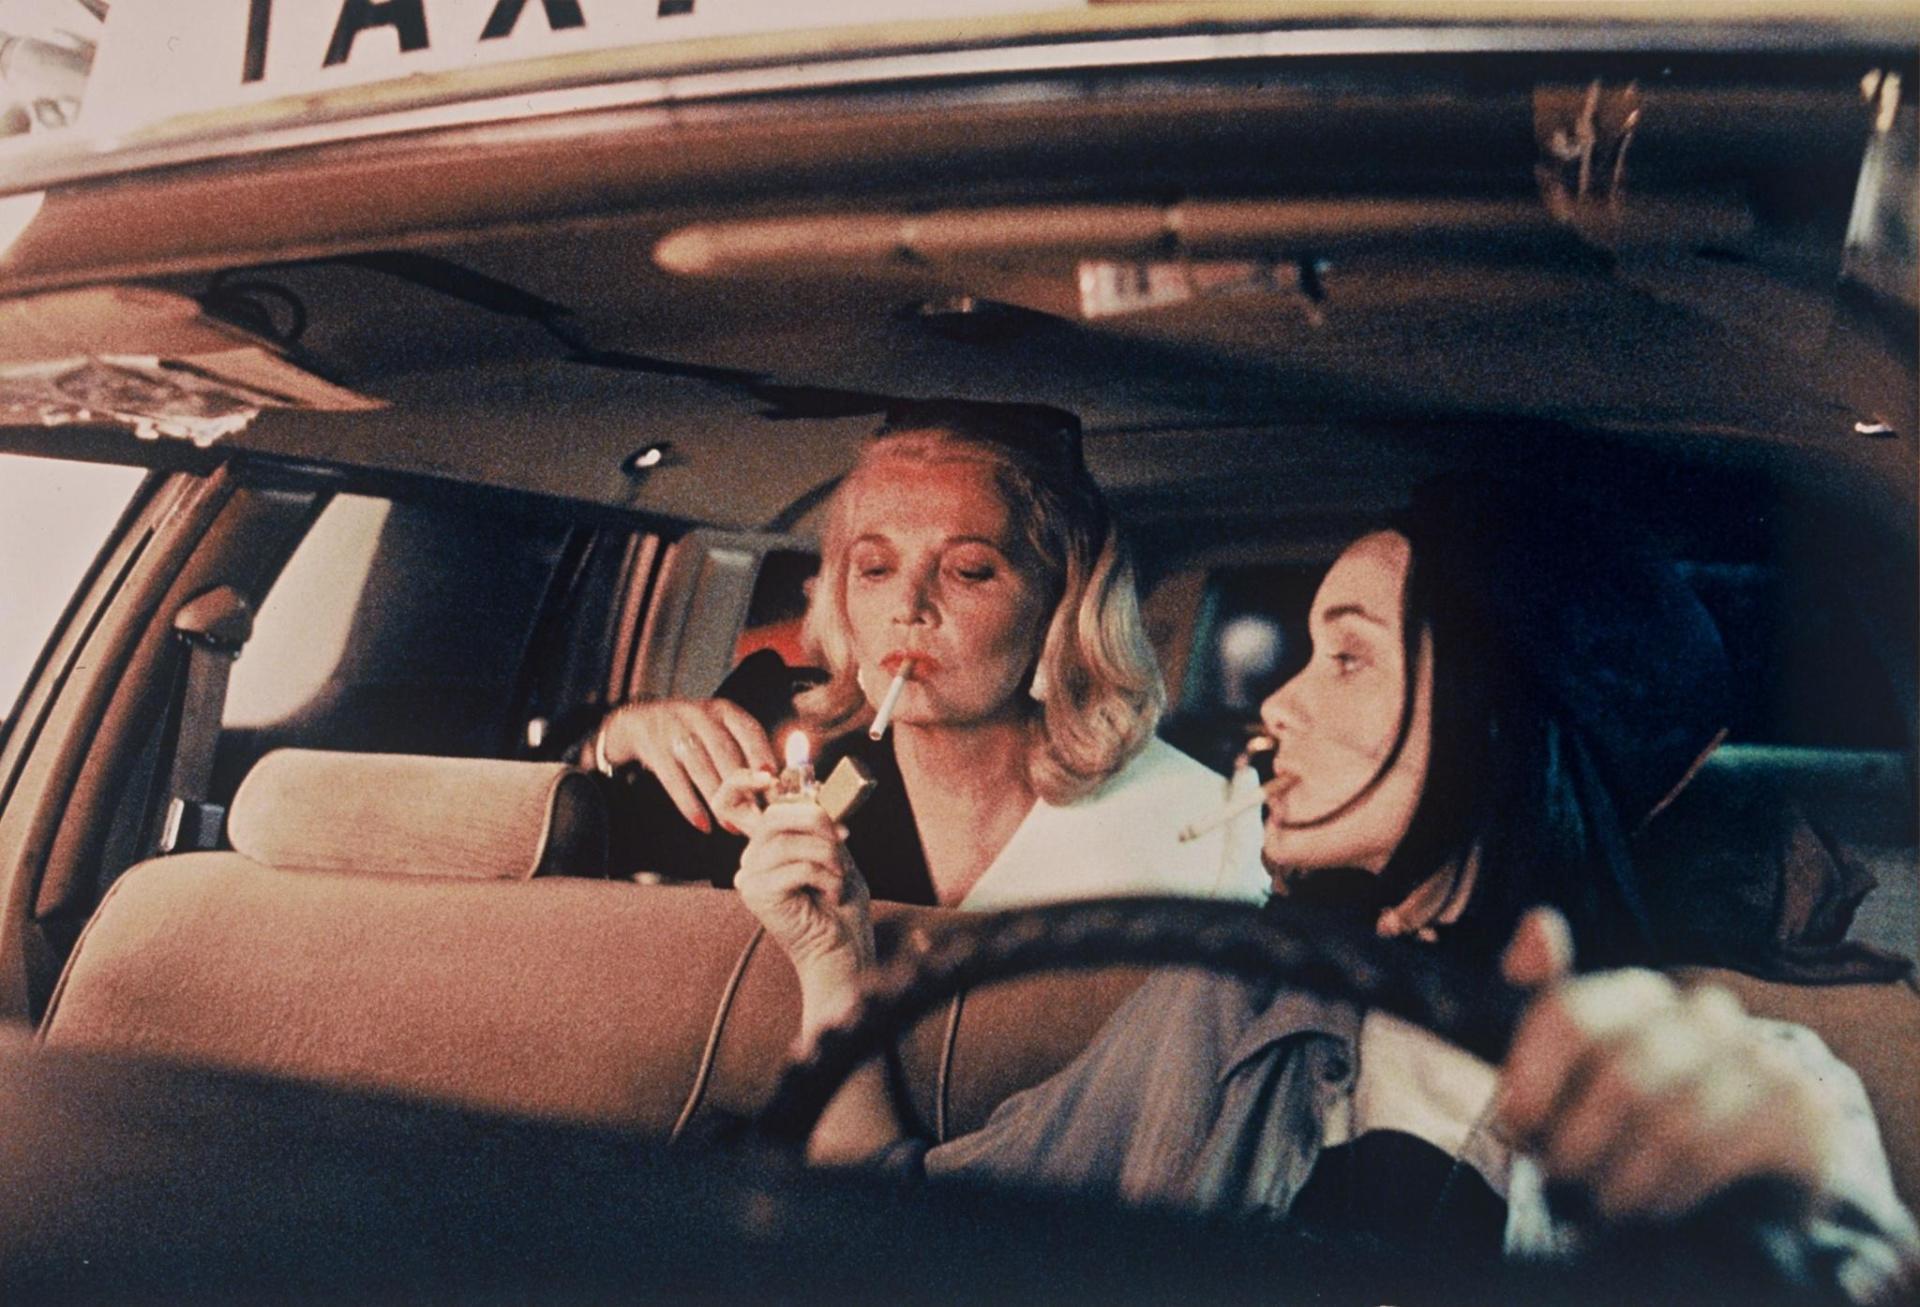 La primera historia comienza al atardecer, (las 7:05pm) en Los Ángeles, la protagonizan una taxista casi adolescente, que masca chicle sin descanso y fuma compulsivamente (Winona Ryder), y su pasajera (Gena Rowlands), una ejecutiva de Hollywood, que recoge en el aeropuerto y la lleve a Beverly Hills.